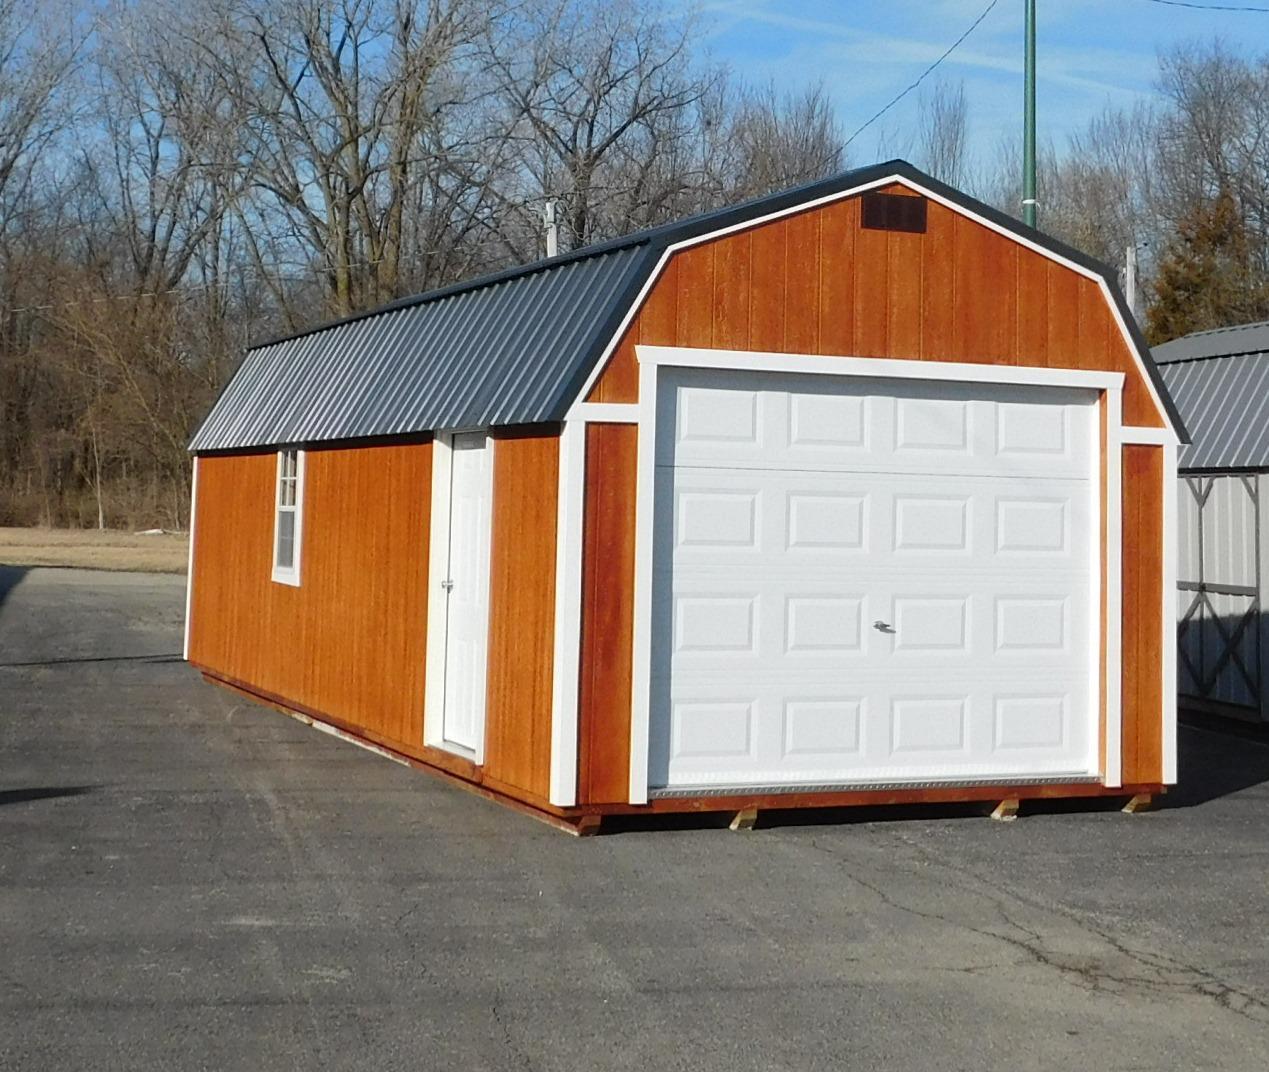 Hilltop Storage Sheds - Locally Built & Serviced Storage Sheds